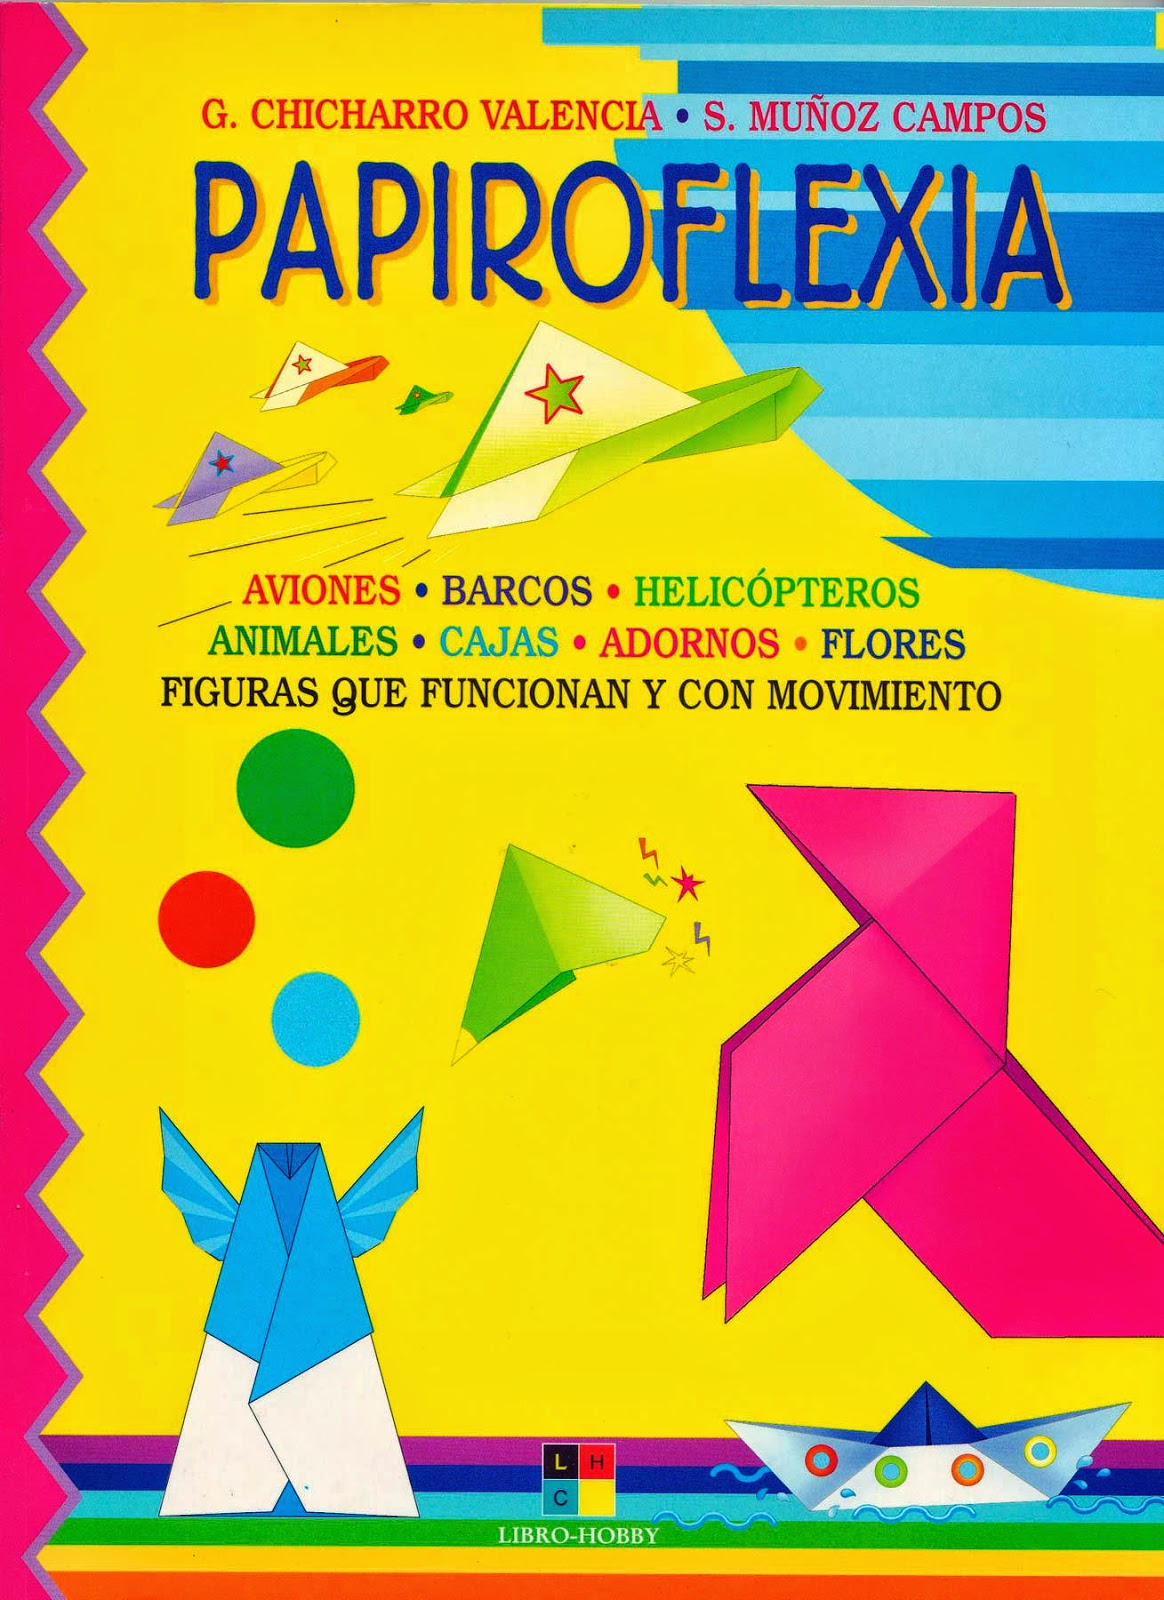 Papiroflexia (G. Chicharro Valencia)